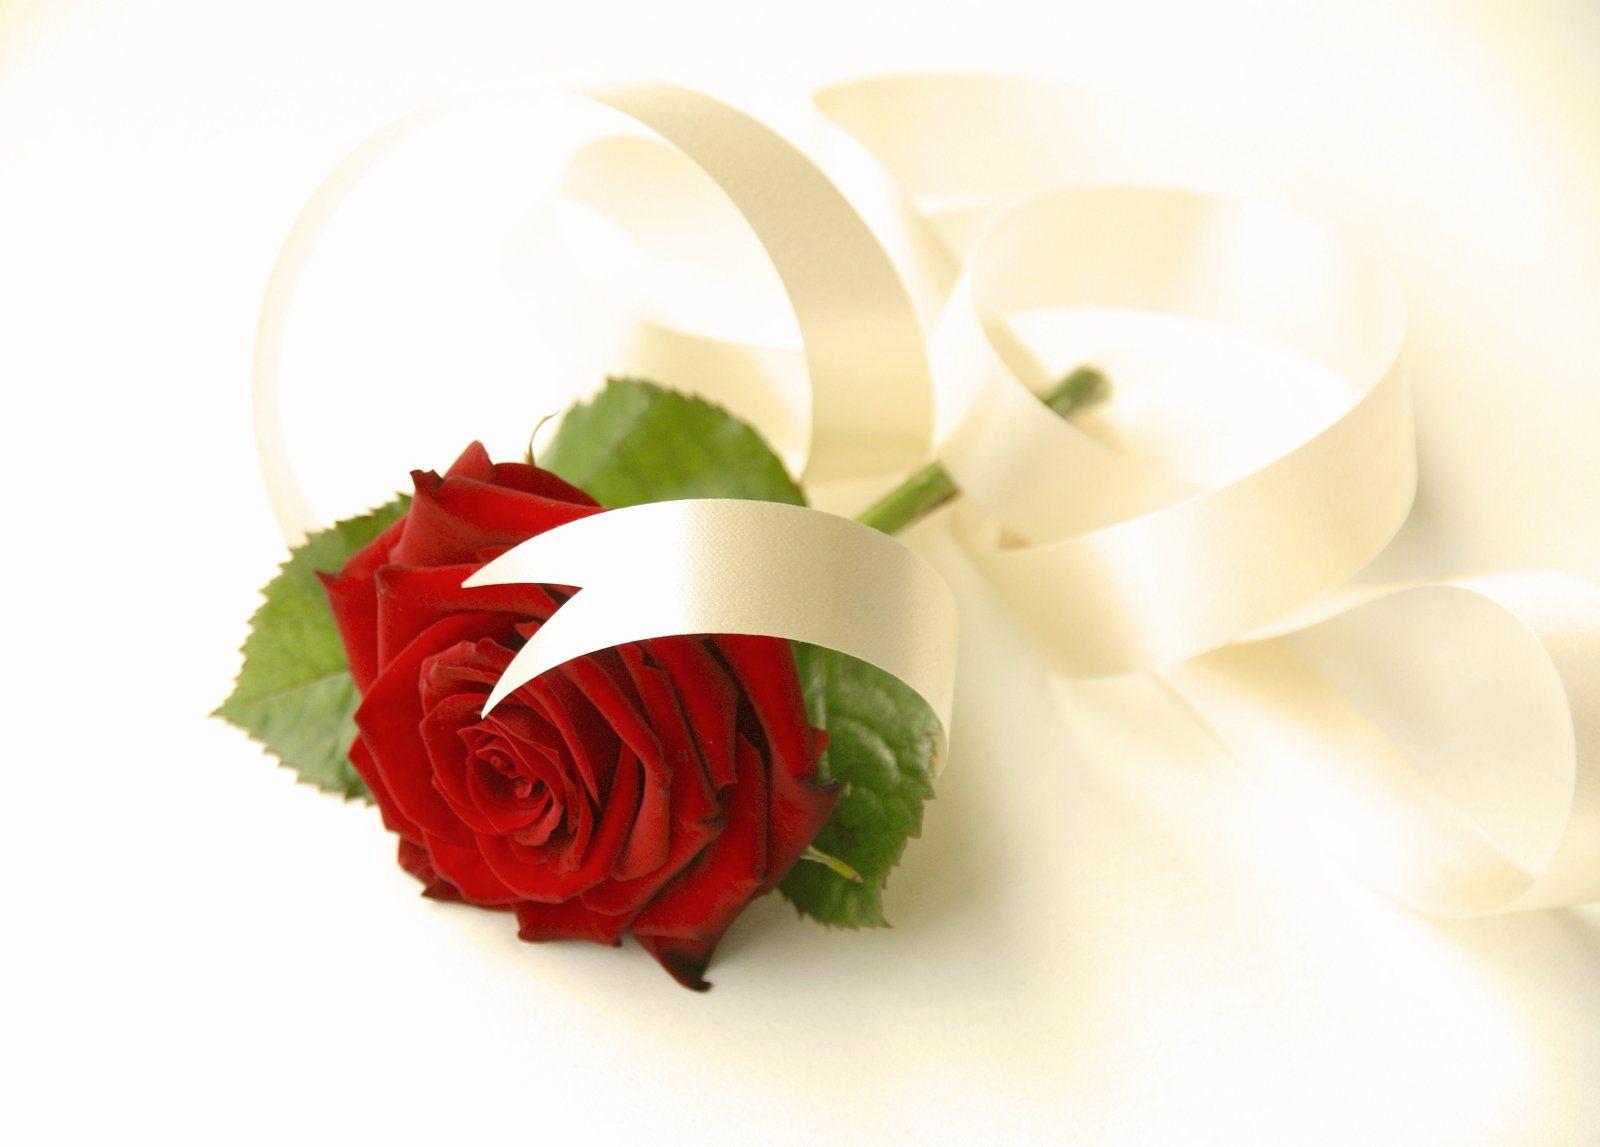 красивые цветы роза на экран ноутбука